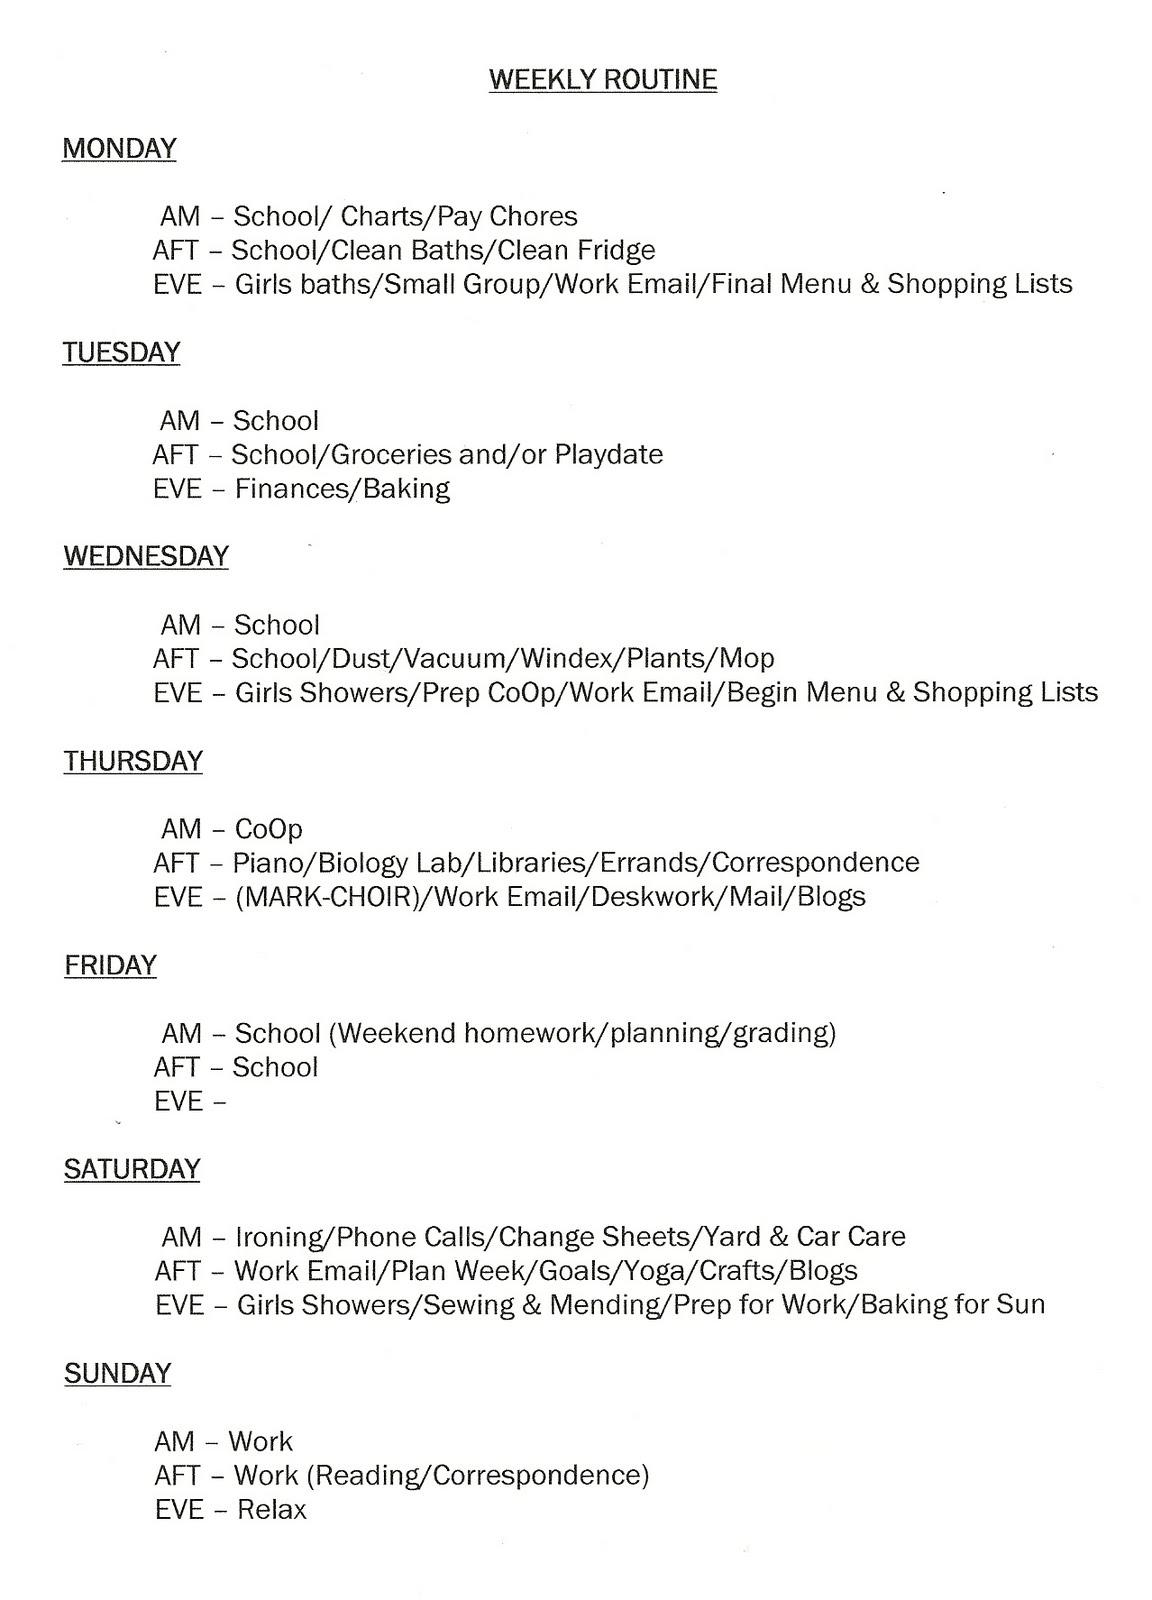 Social problem solving worksheets for 5th grade image 9